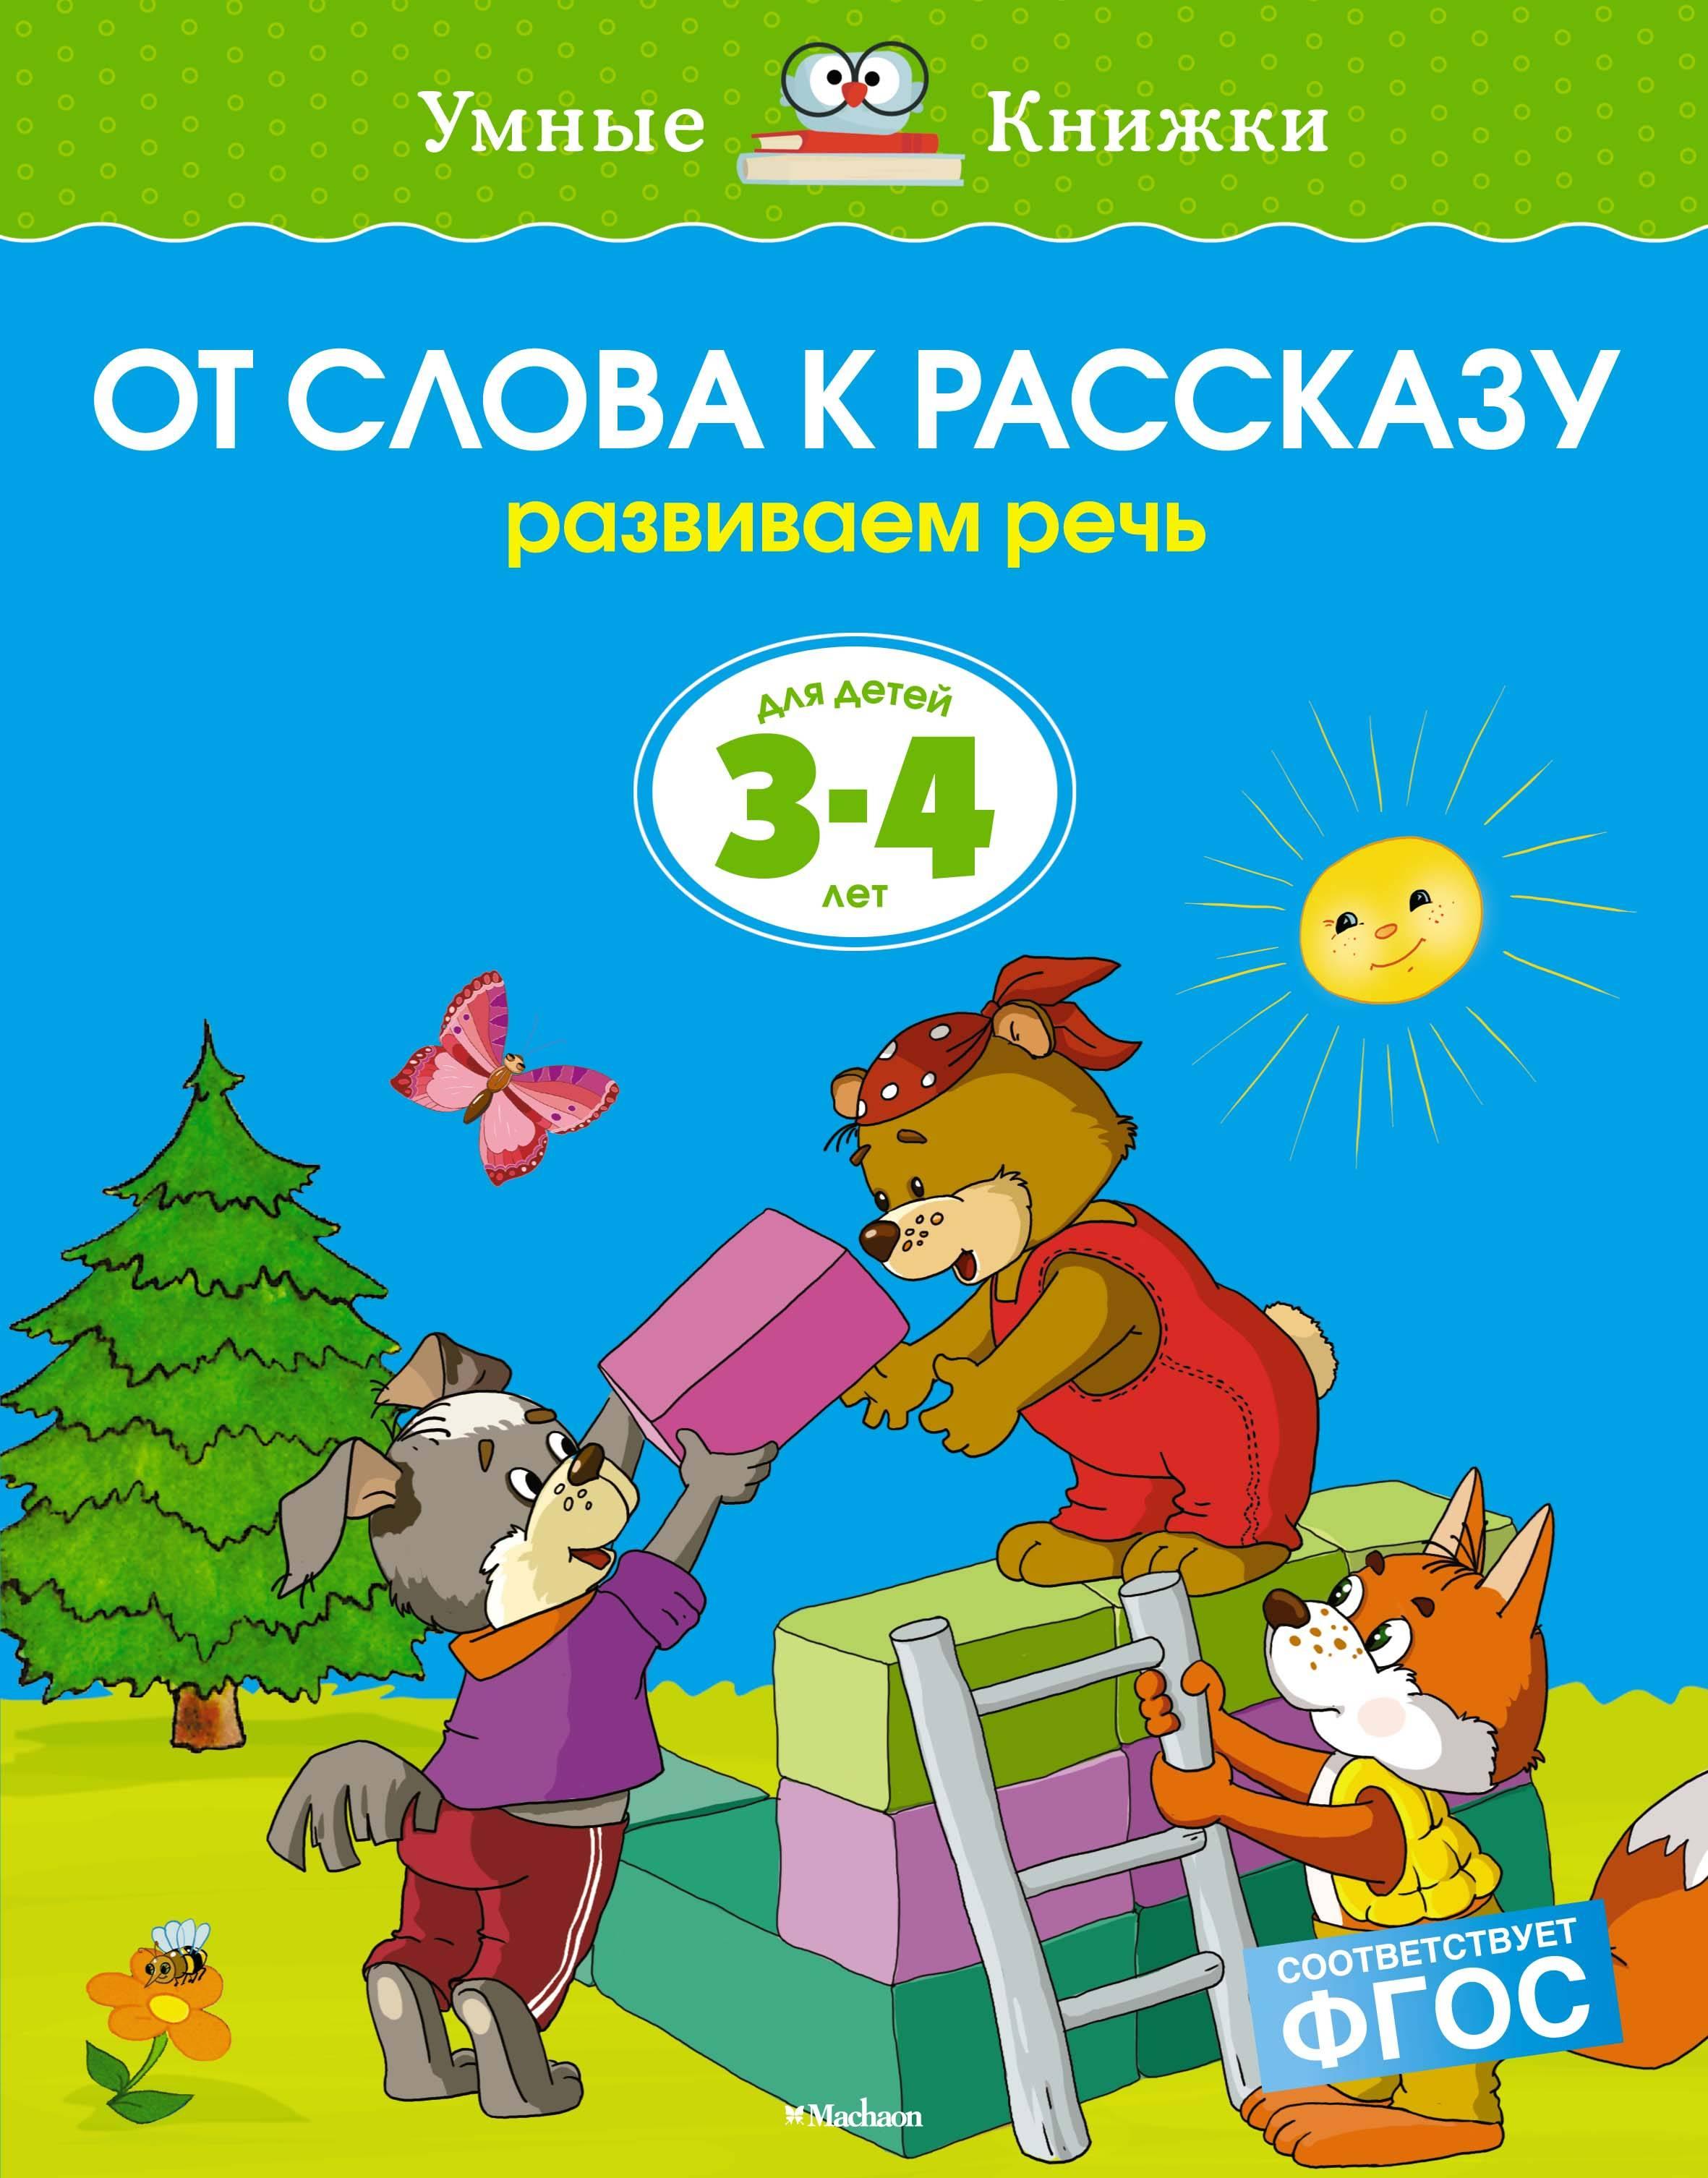 Развивающие книги для детей от 3-4 лет до 5: список лучшей детской литературы | мыслим и говорим | vpolozhenii.com